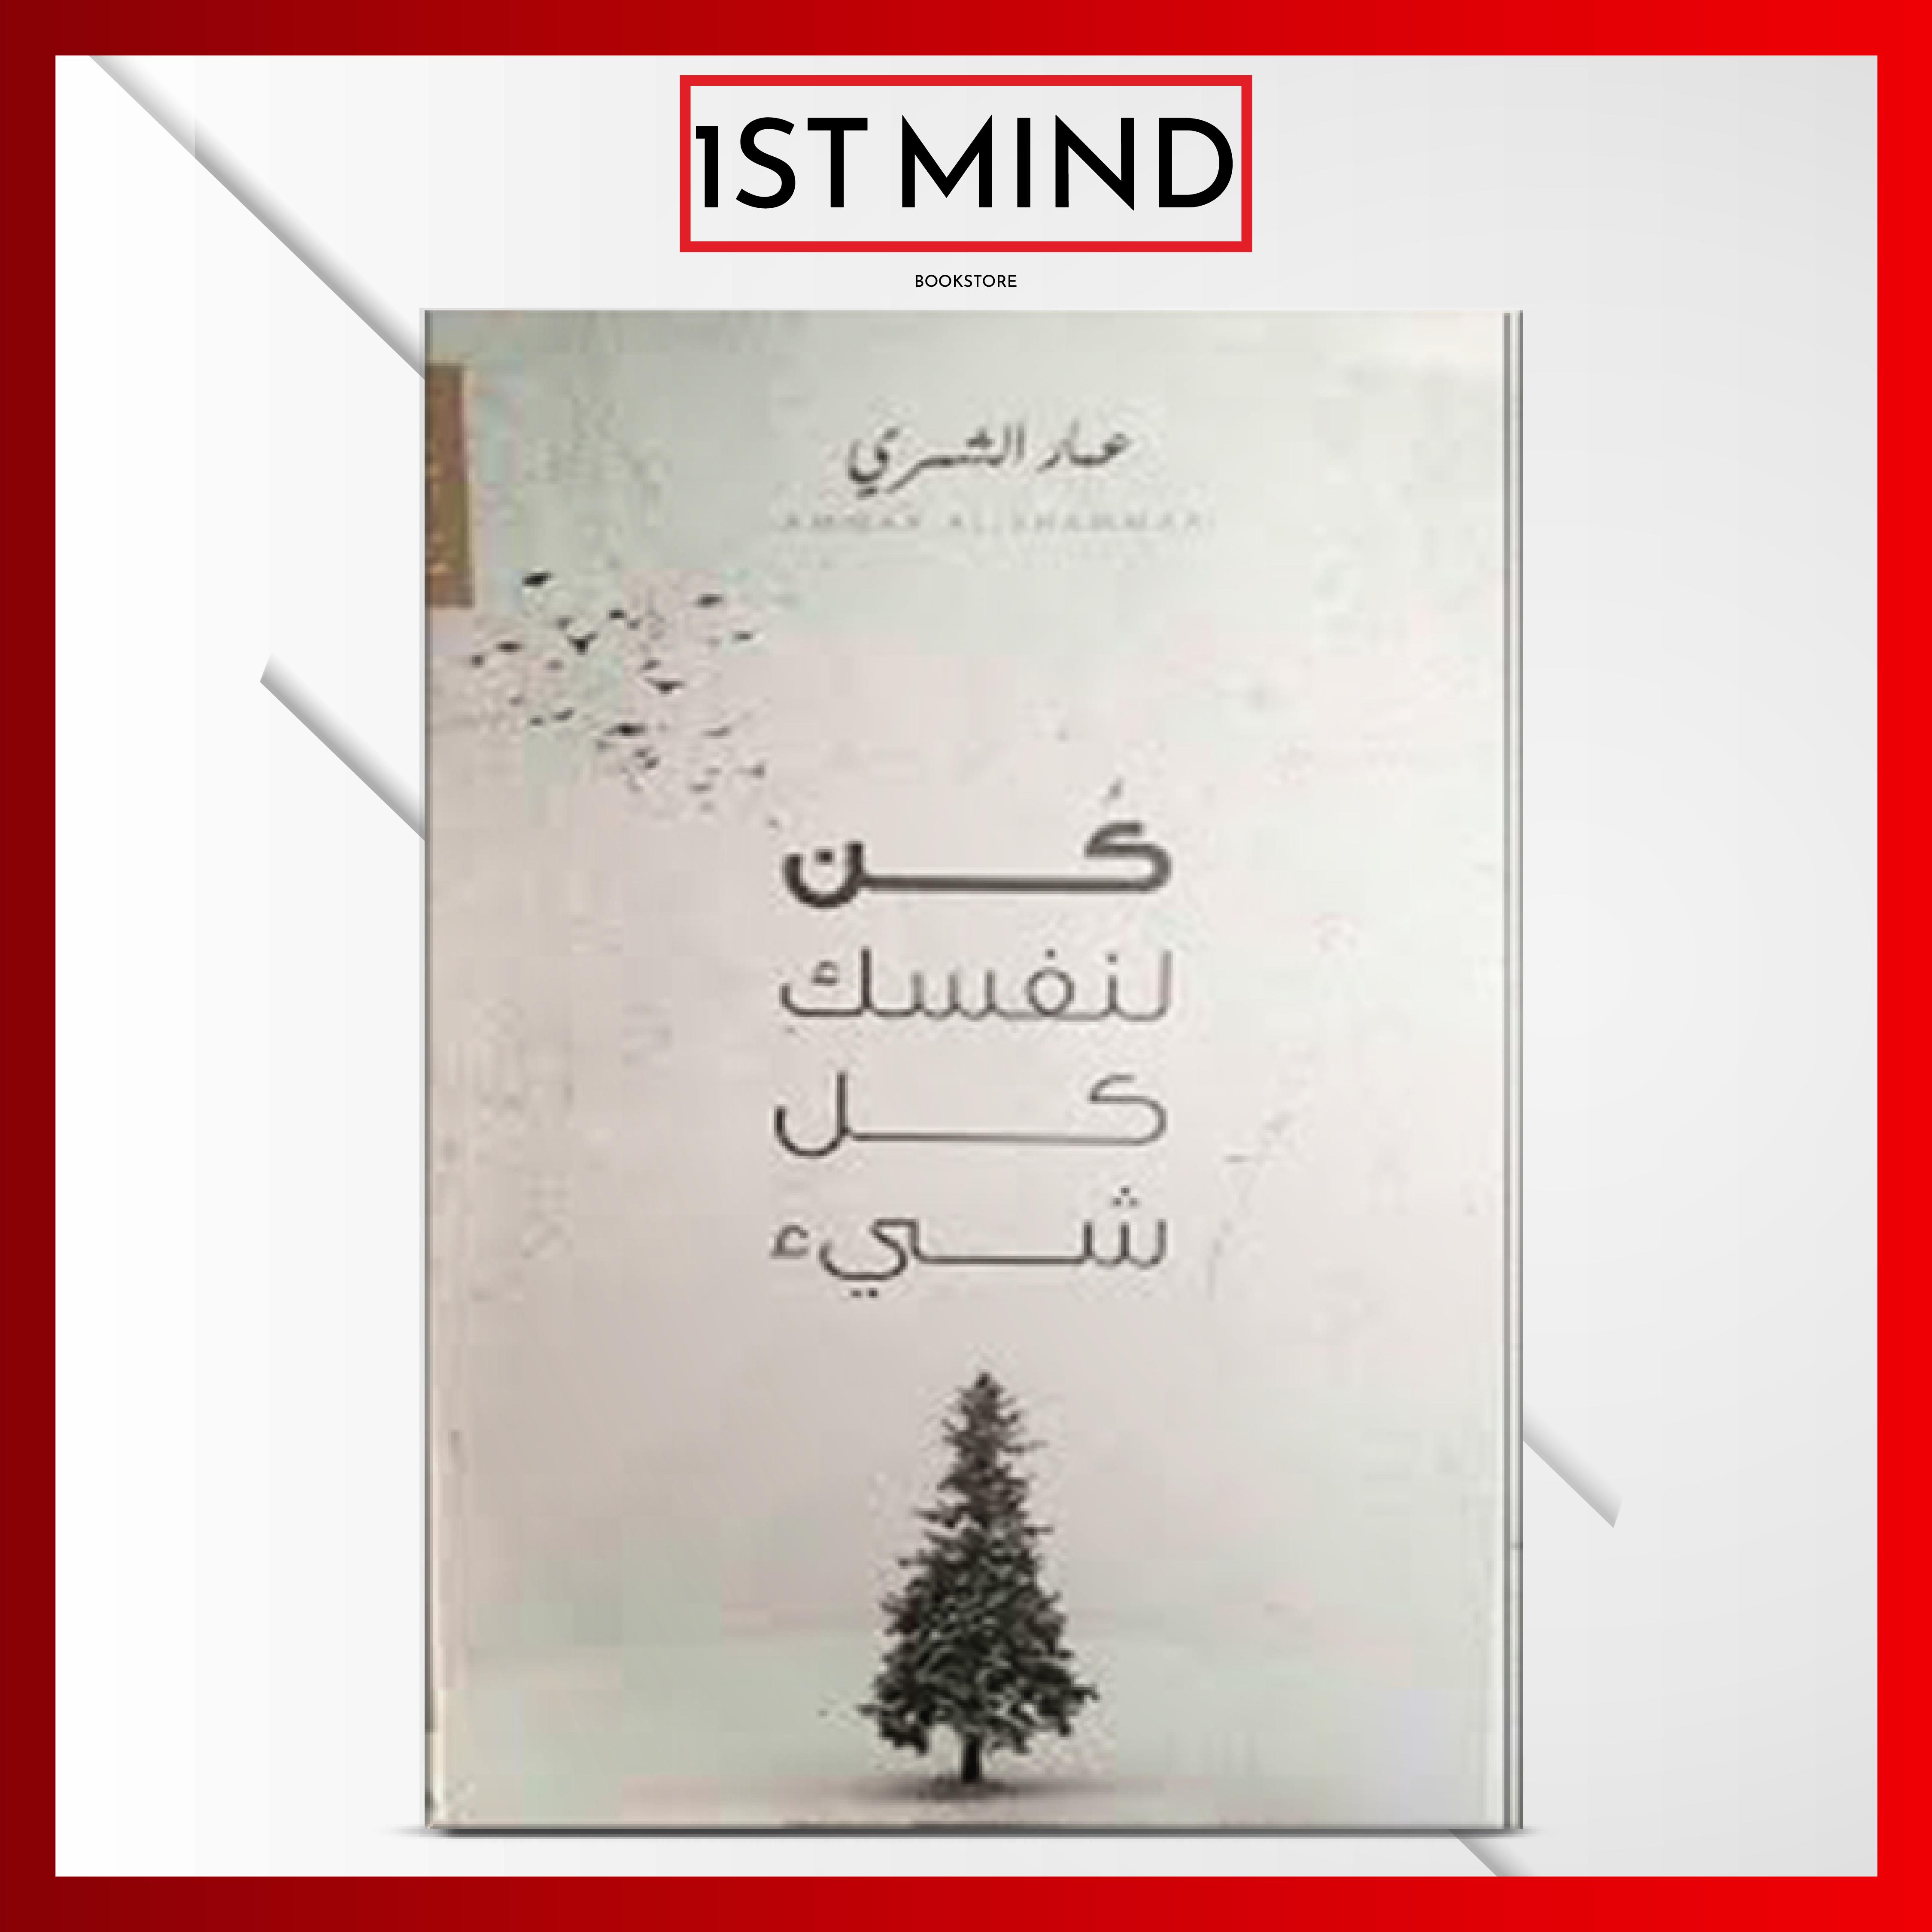 كن لنفسك كل شئ Bookstore Mindfulness Notebook